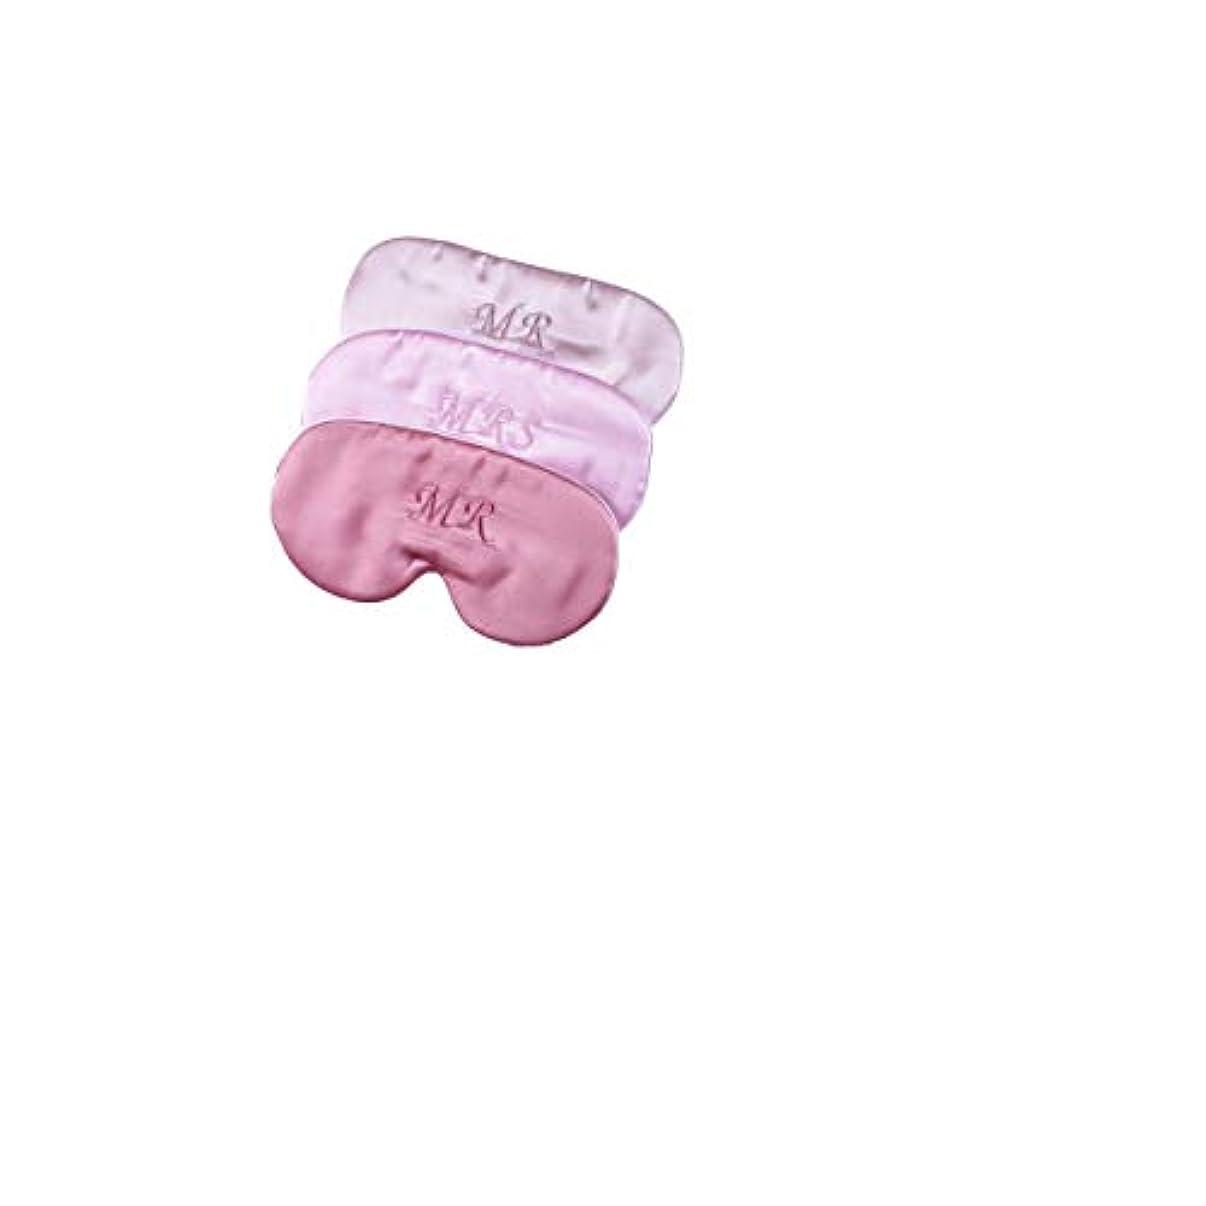 ソケット配管工もっとシルクゴーグル調節可能、100%シルク、イヤホン収納バッグギフトボックス4セットの刺繍モデル日よけ女性、通気性、快適、いびきアーチファクト (Color : Pink)